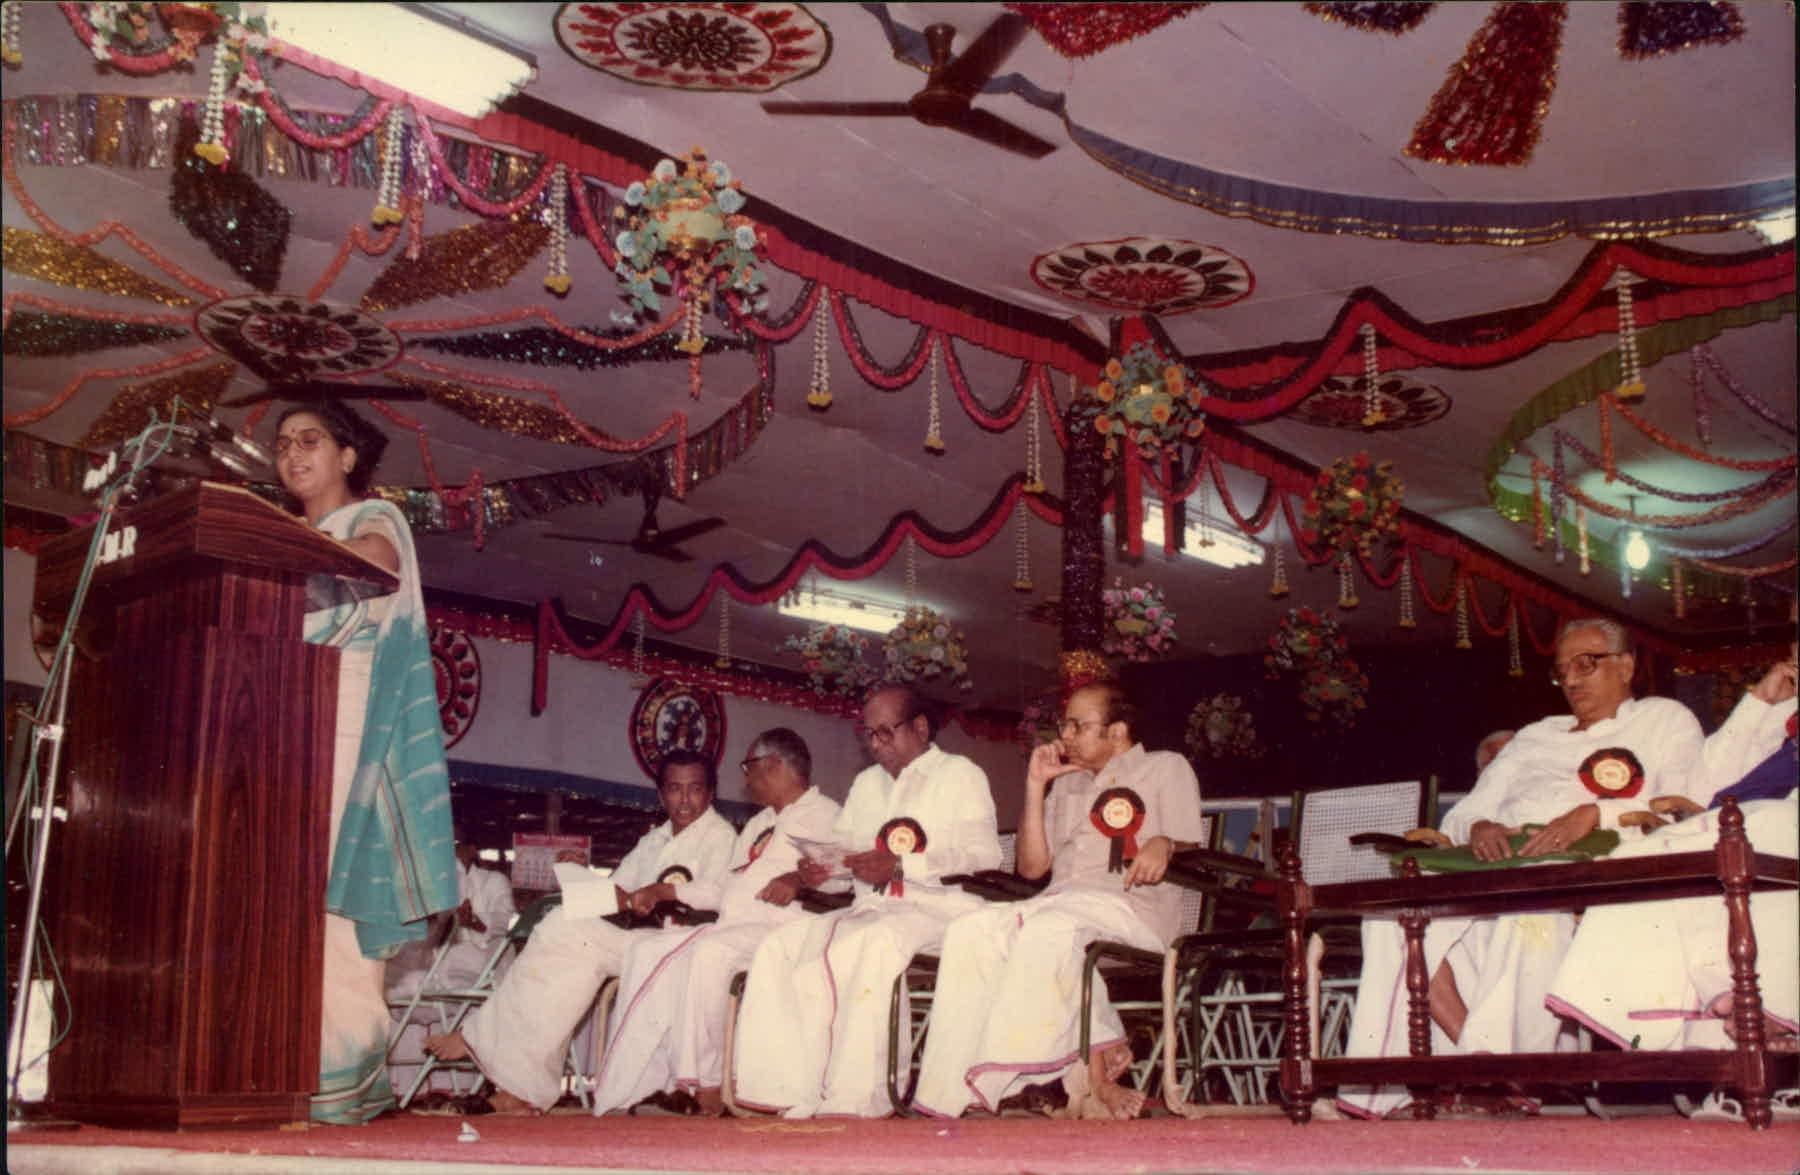 சுப்புலட்சுமி ஜெகதீசன் - ப்ளூடிக் நண்பா